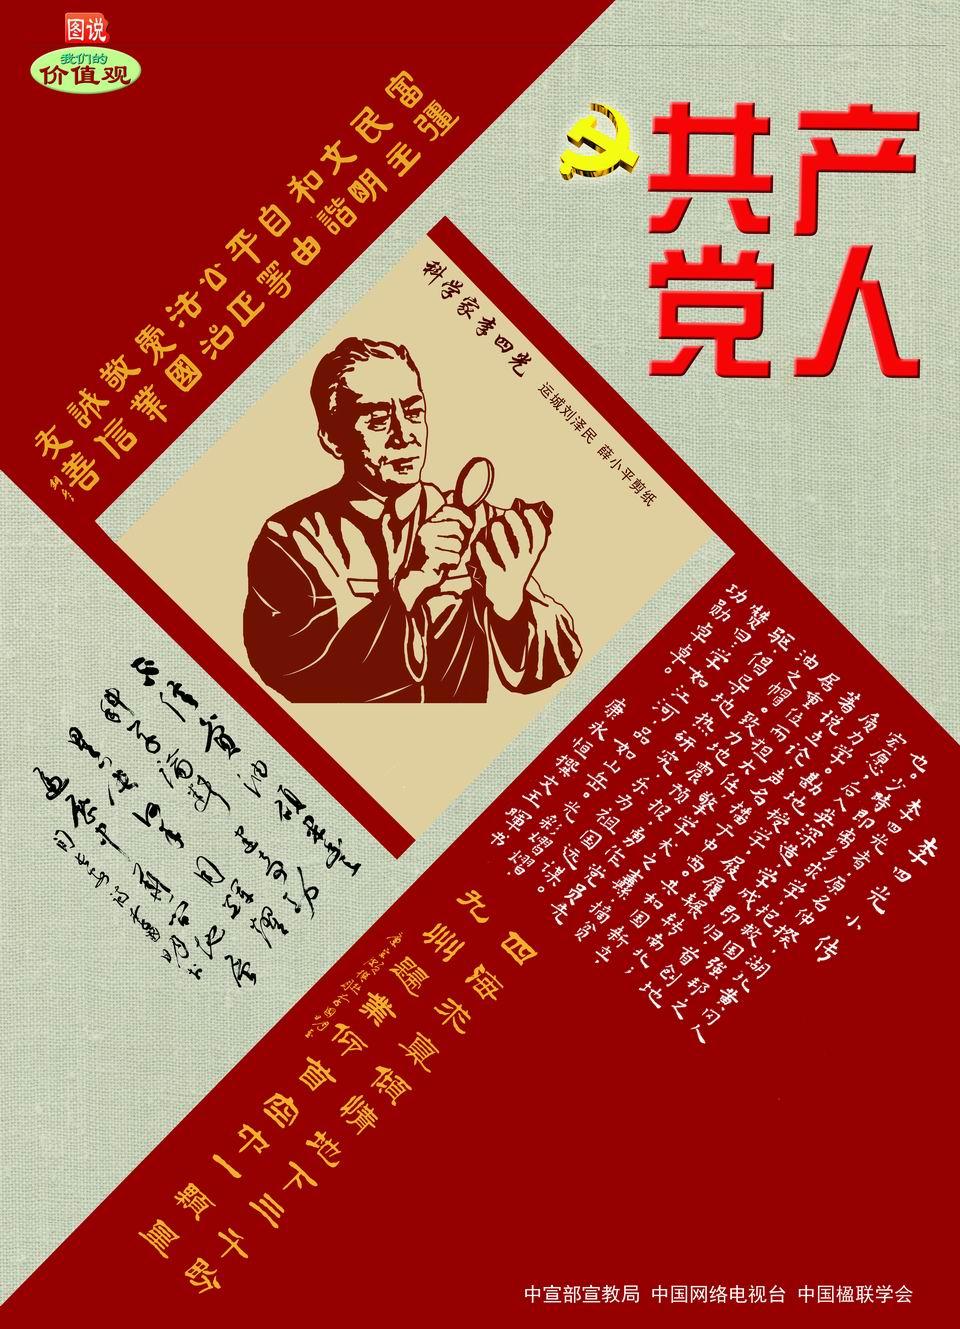 共产党员-李四光